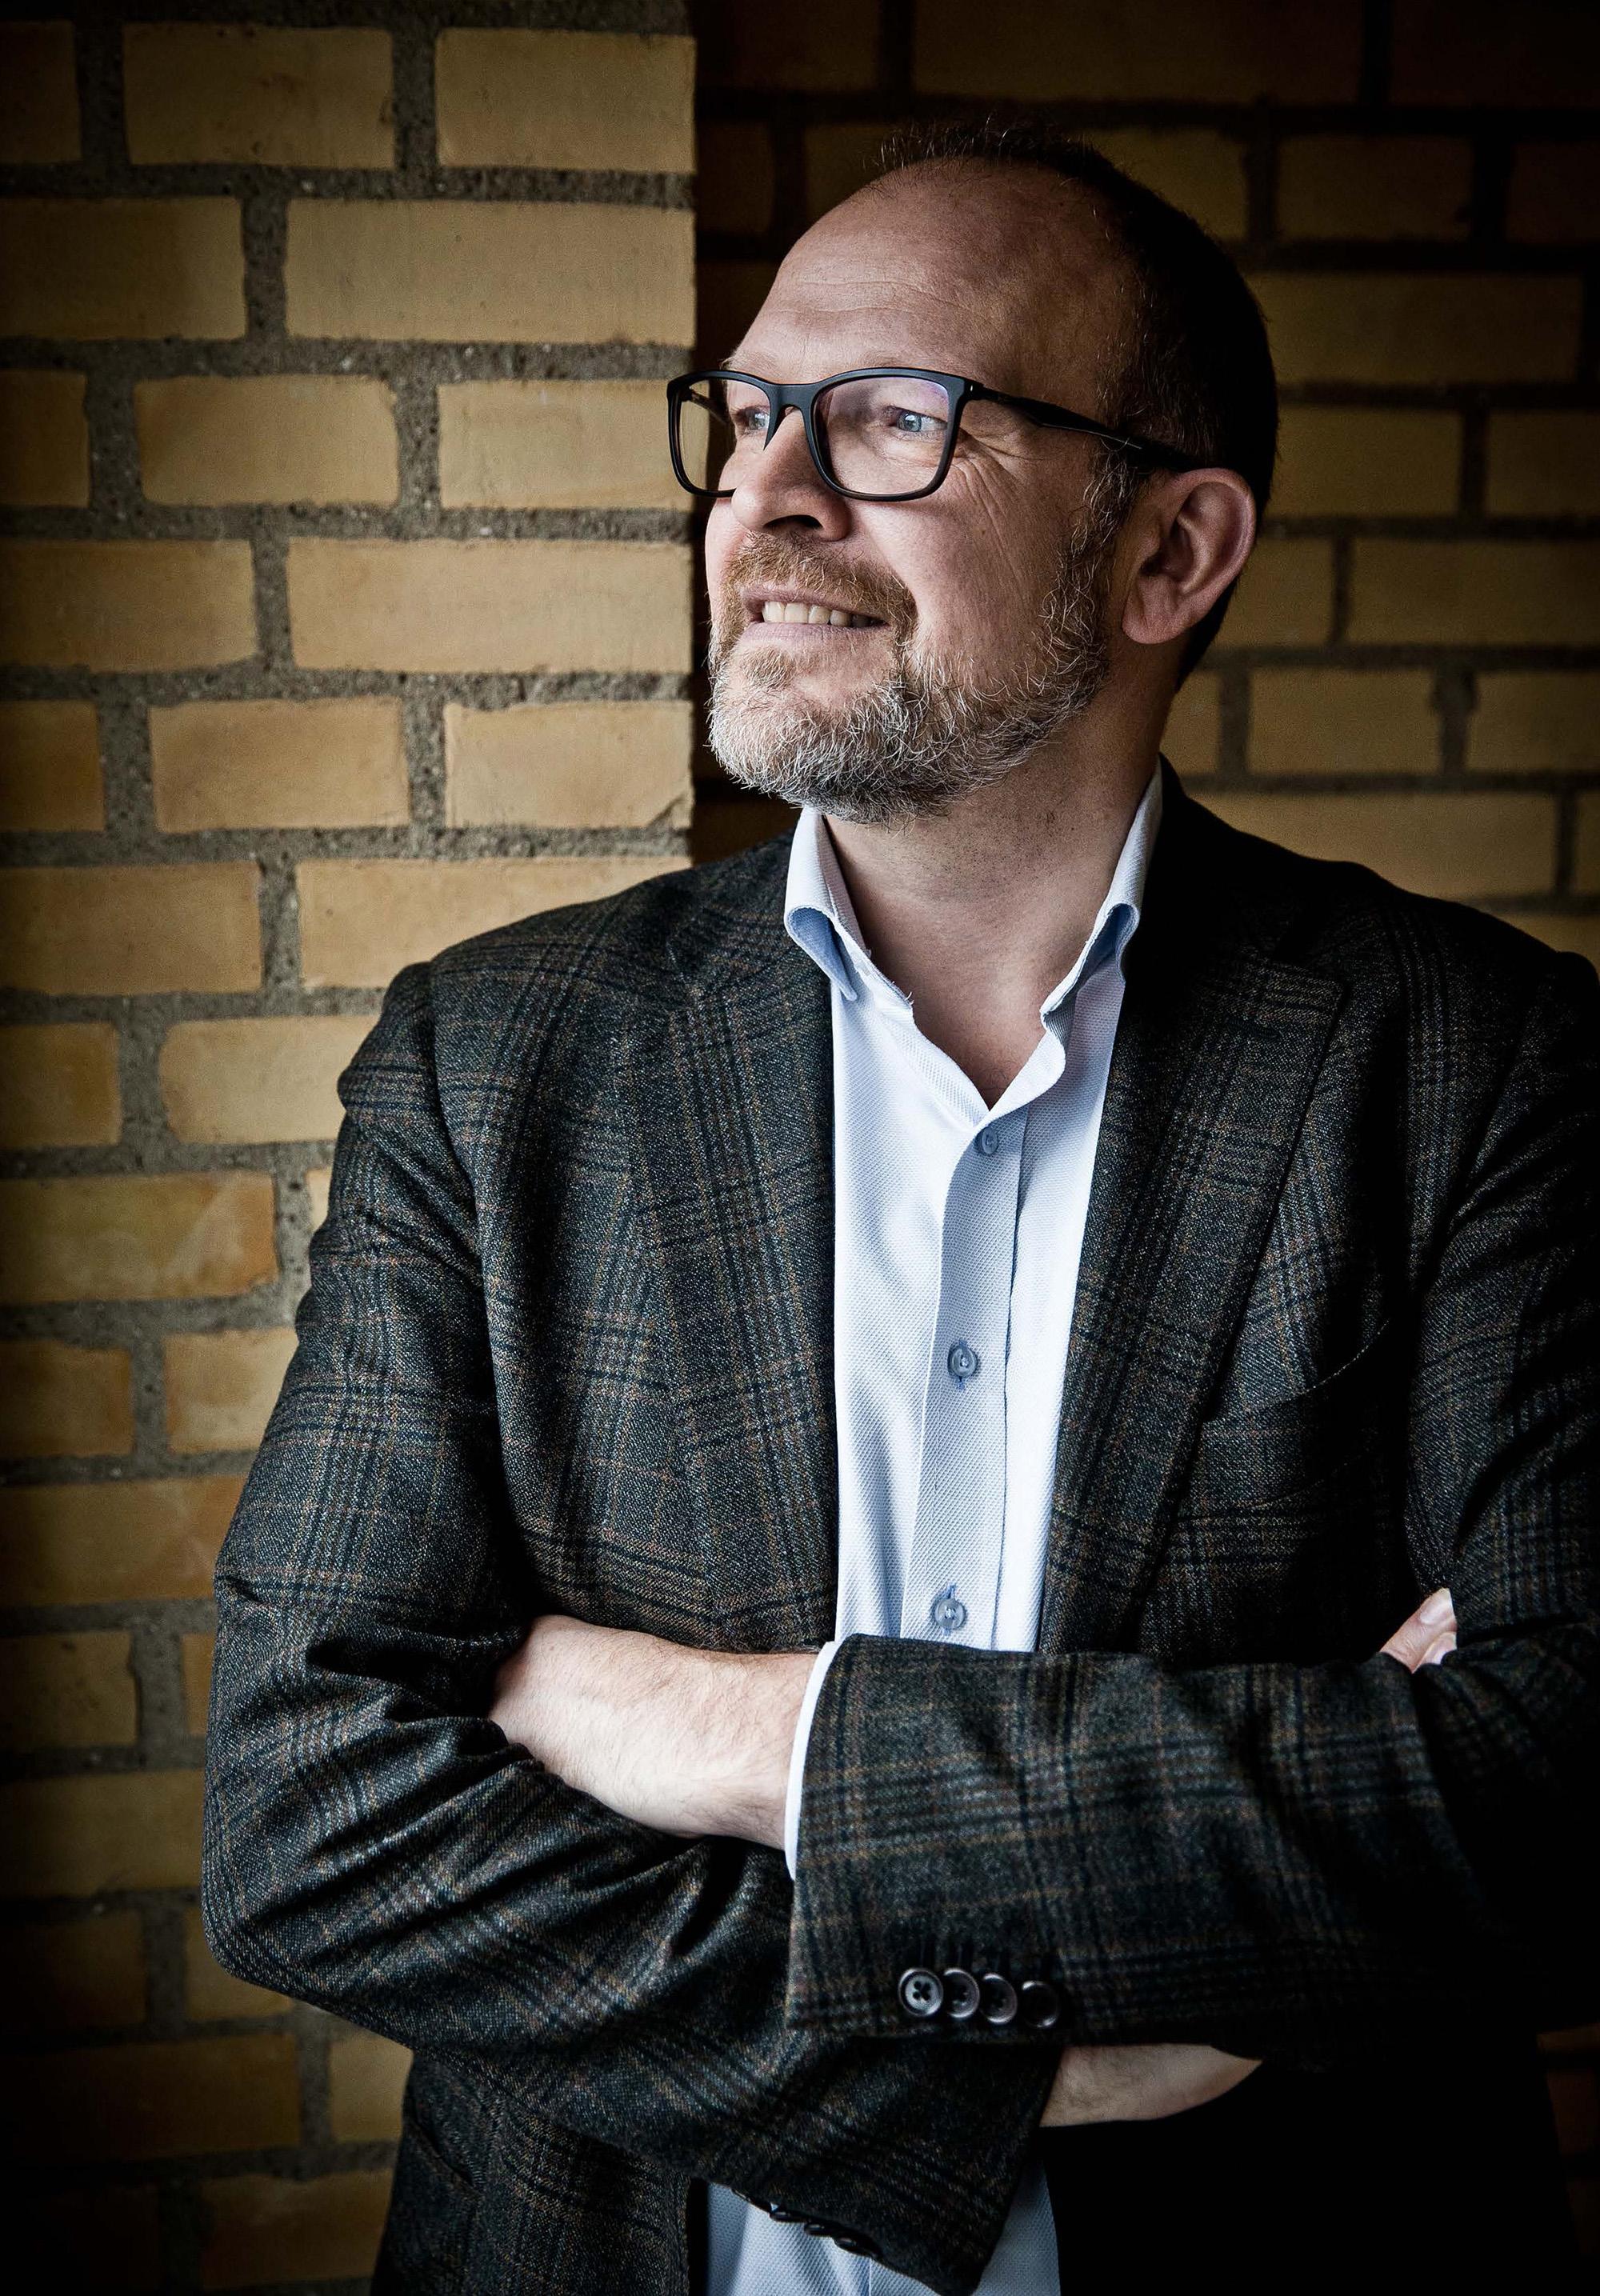 Thomas Lykke-Møller Sørensen